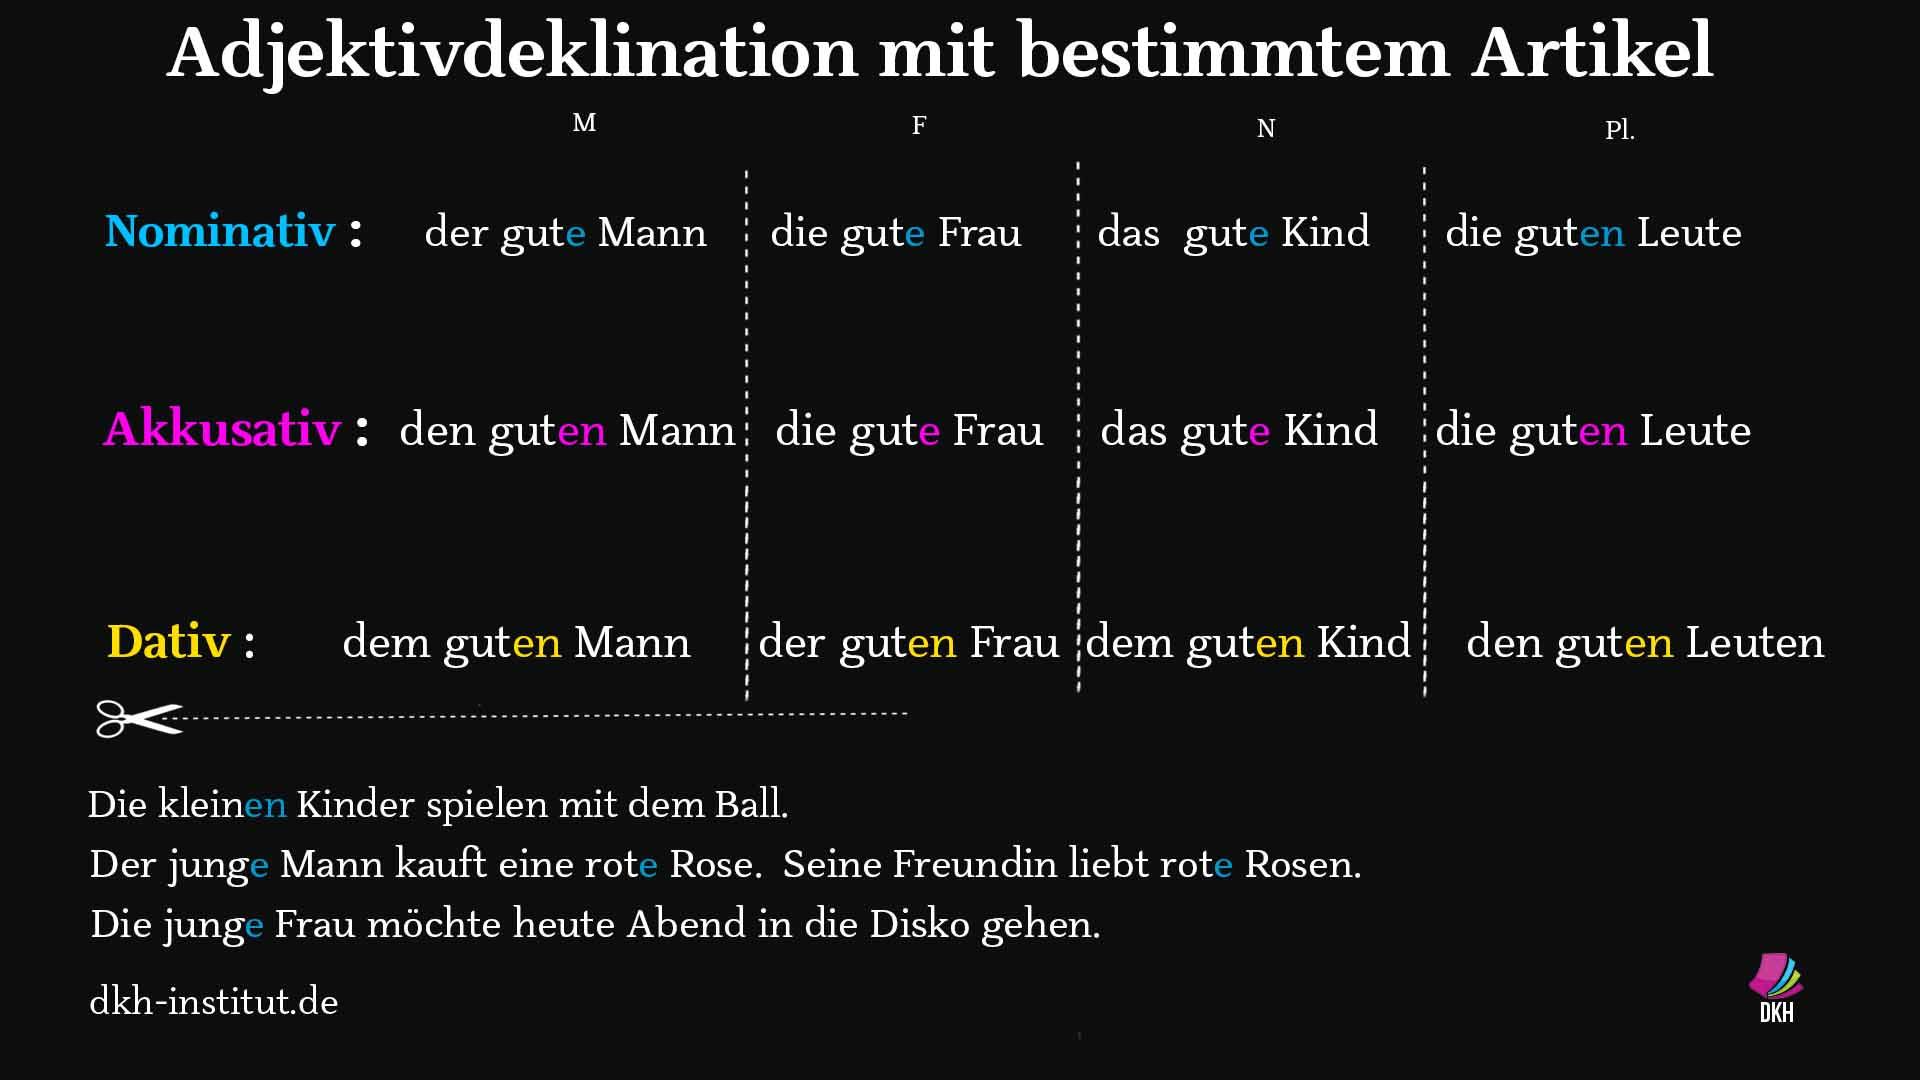 Adjektivdeklination mit bestimmten Artikeln